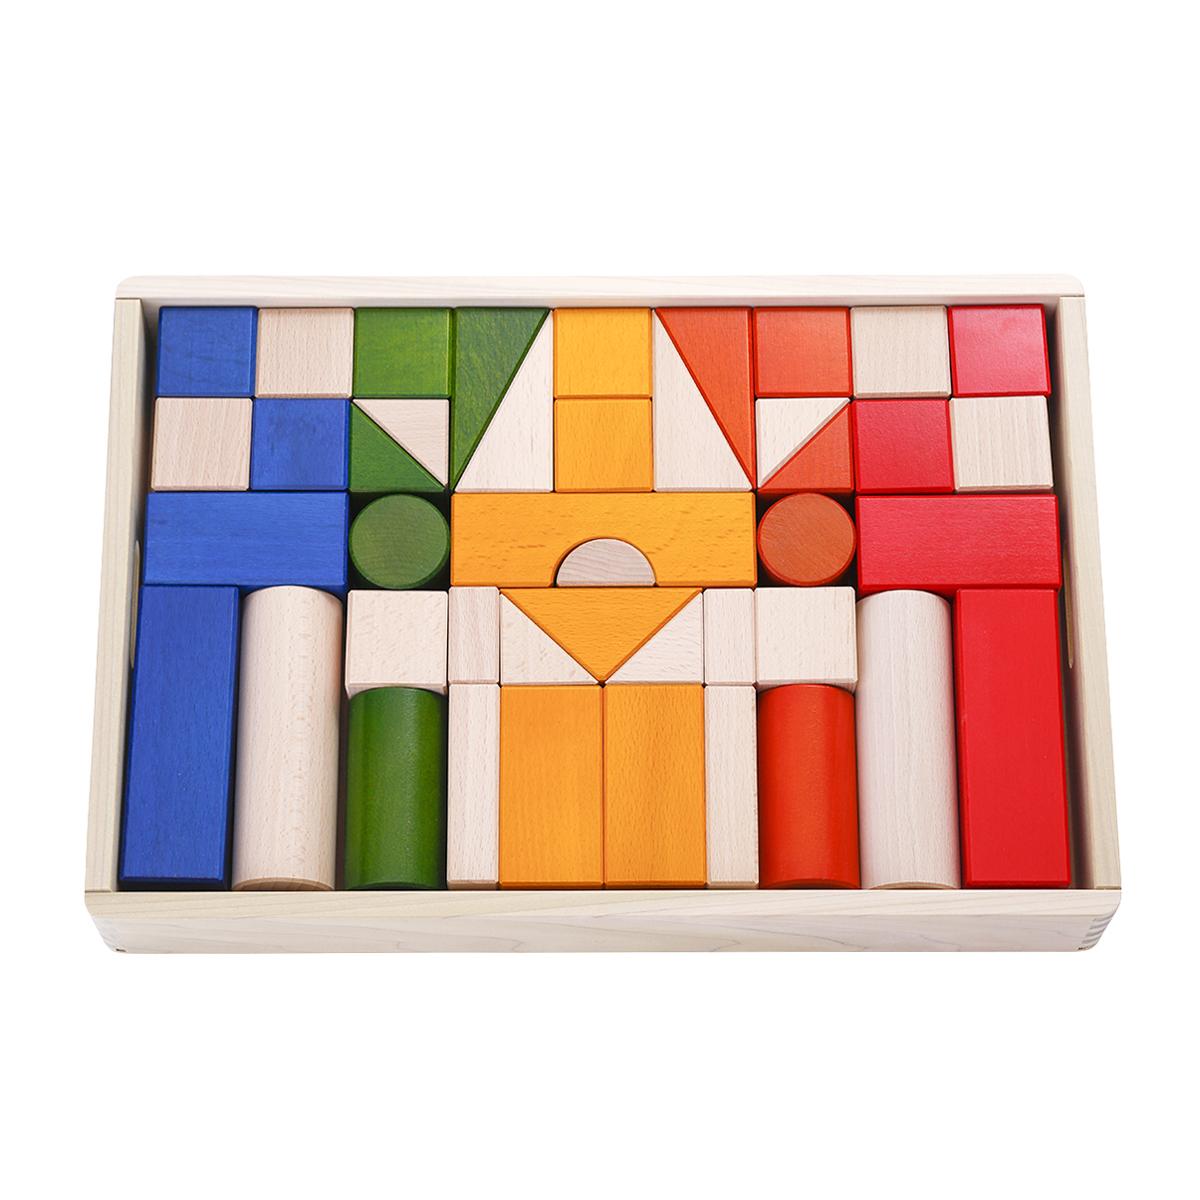 6月20日 場内遊具「オリジナル積み木 カラー」のご紹介